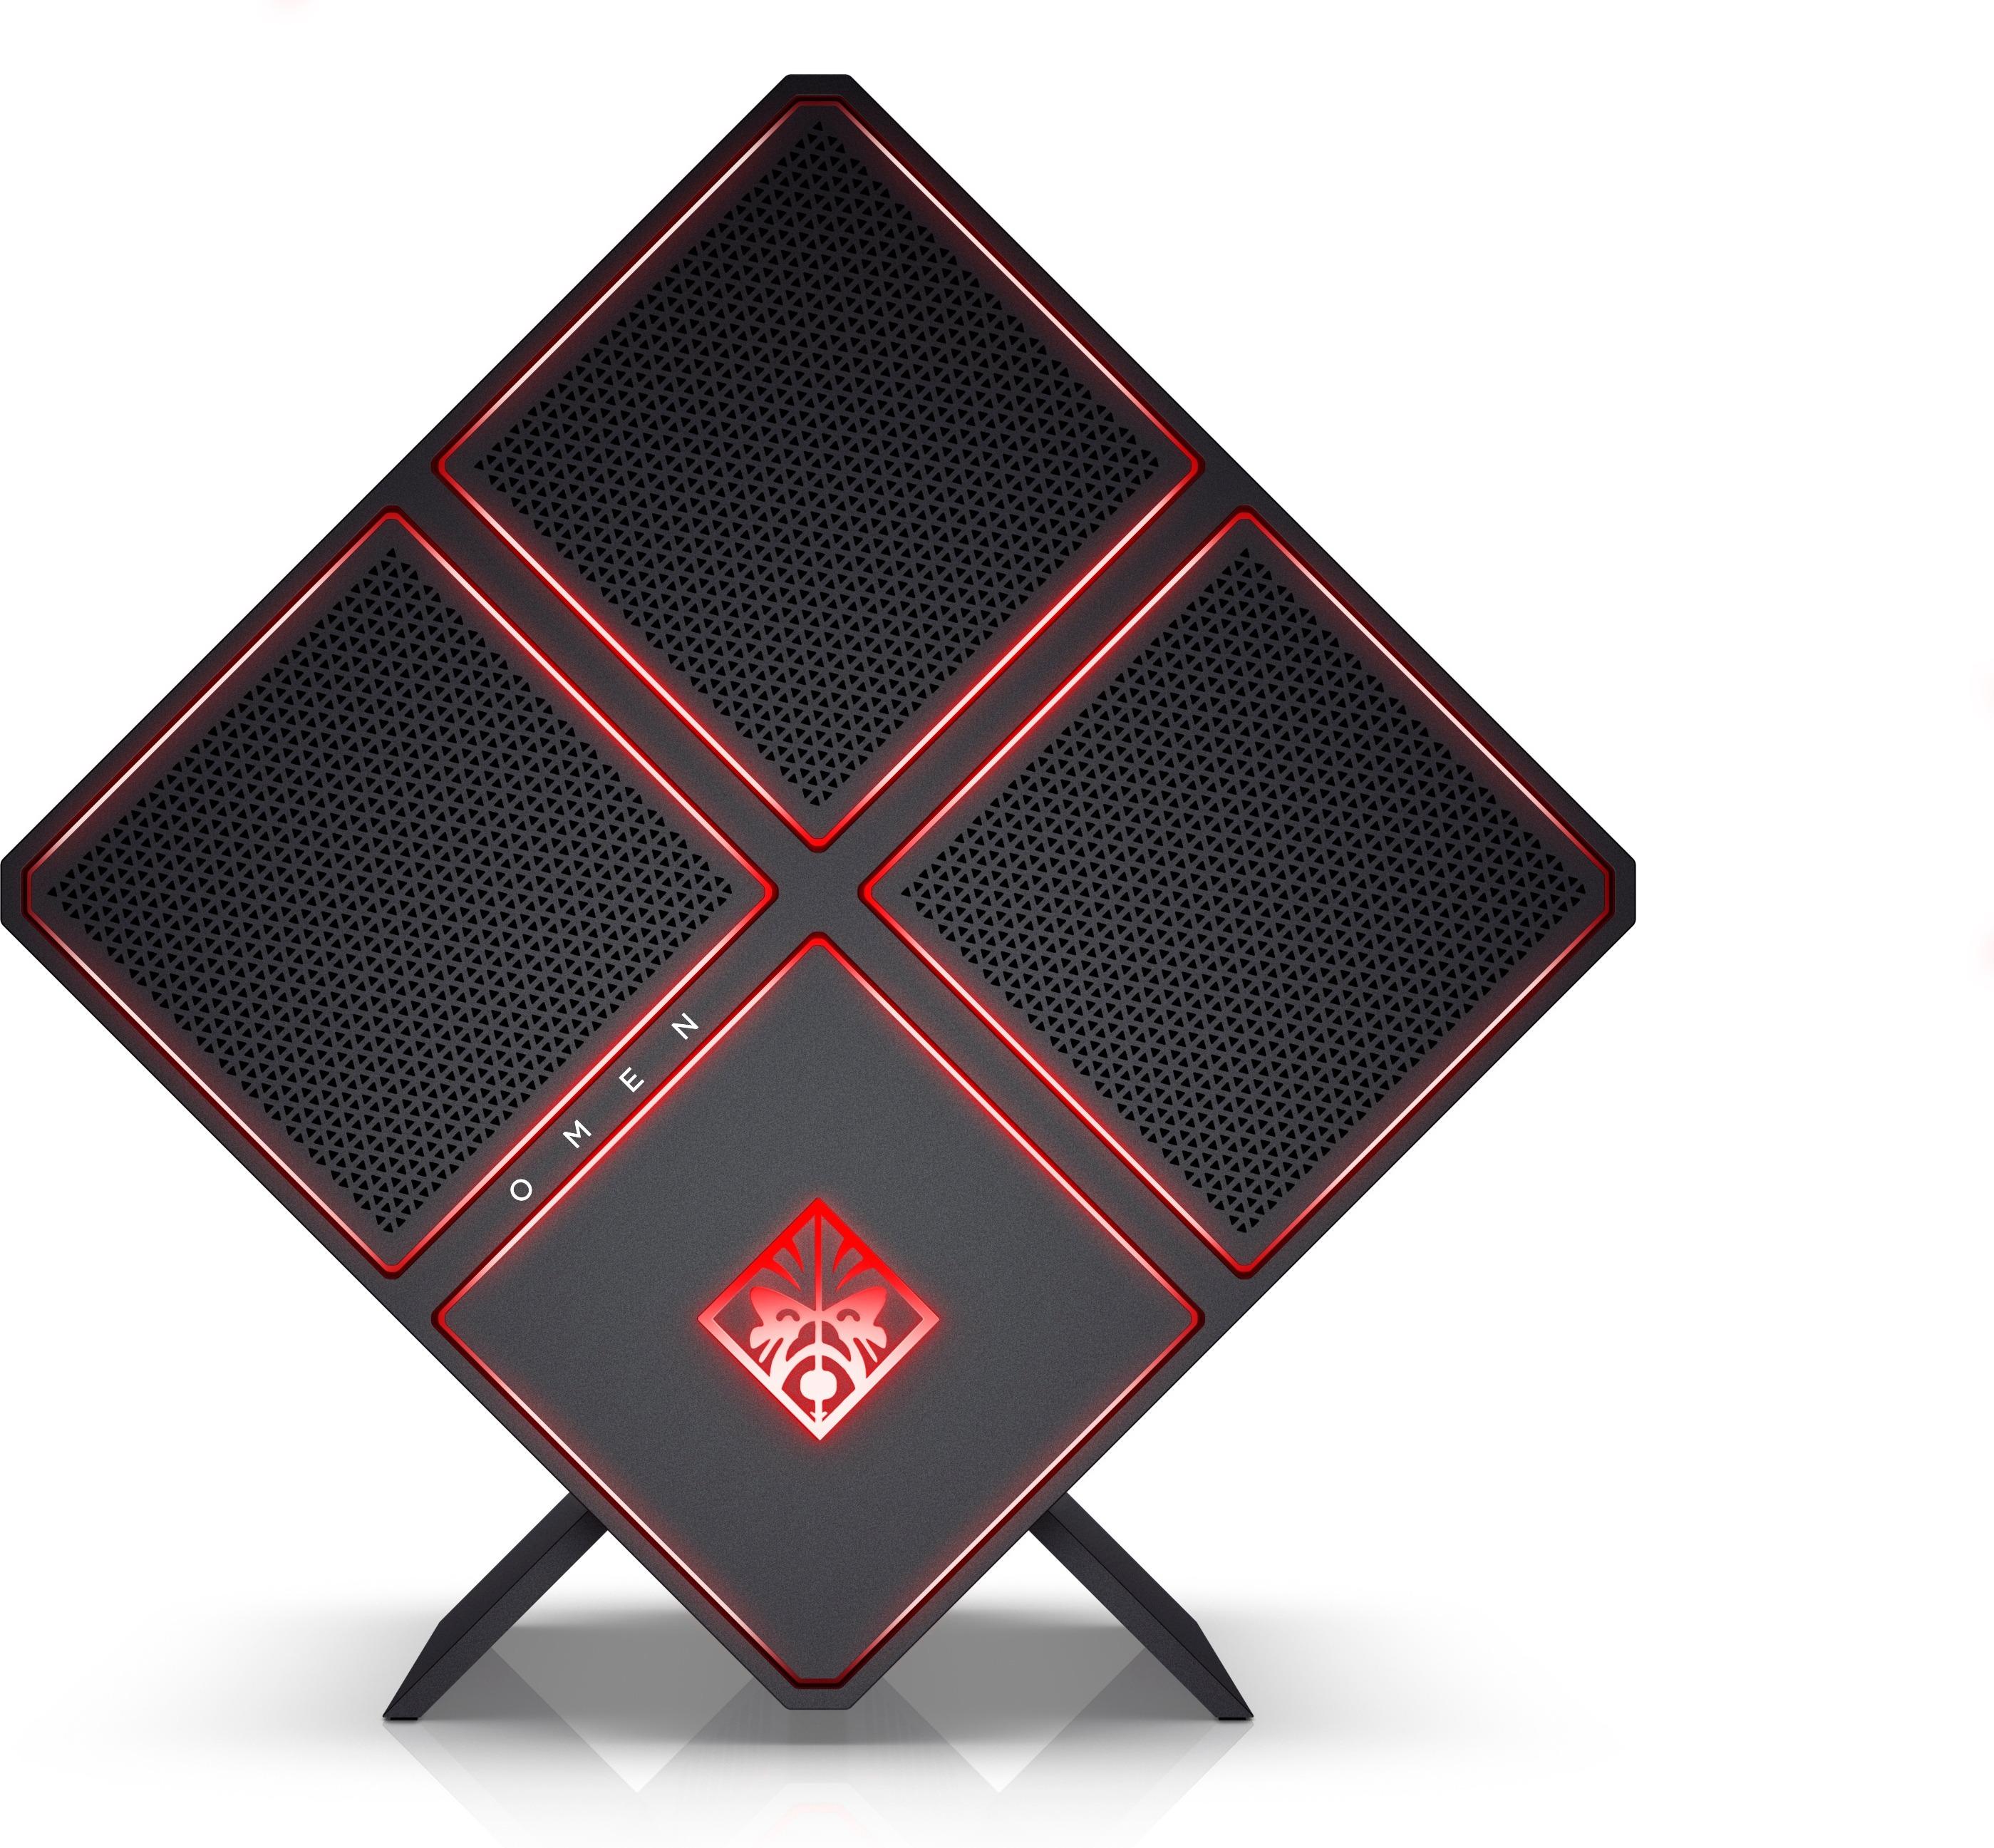 HP OMEN X by HP 900-290nd Desktop